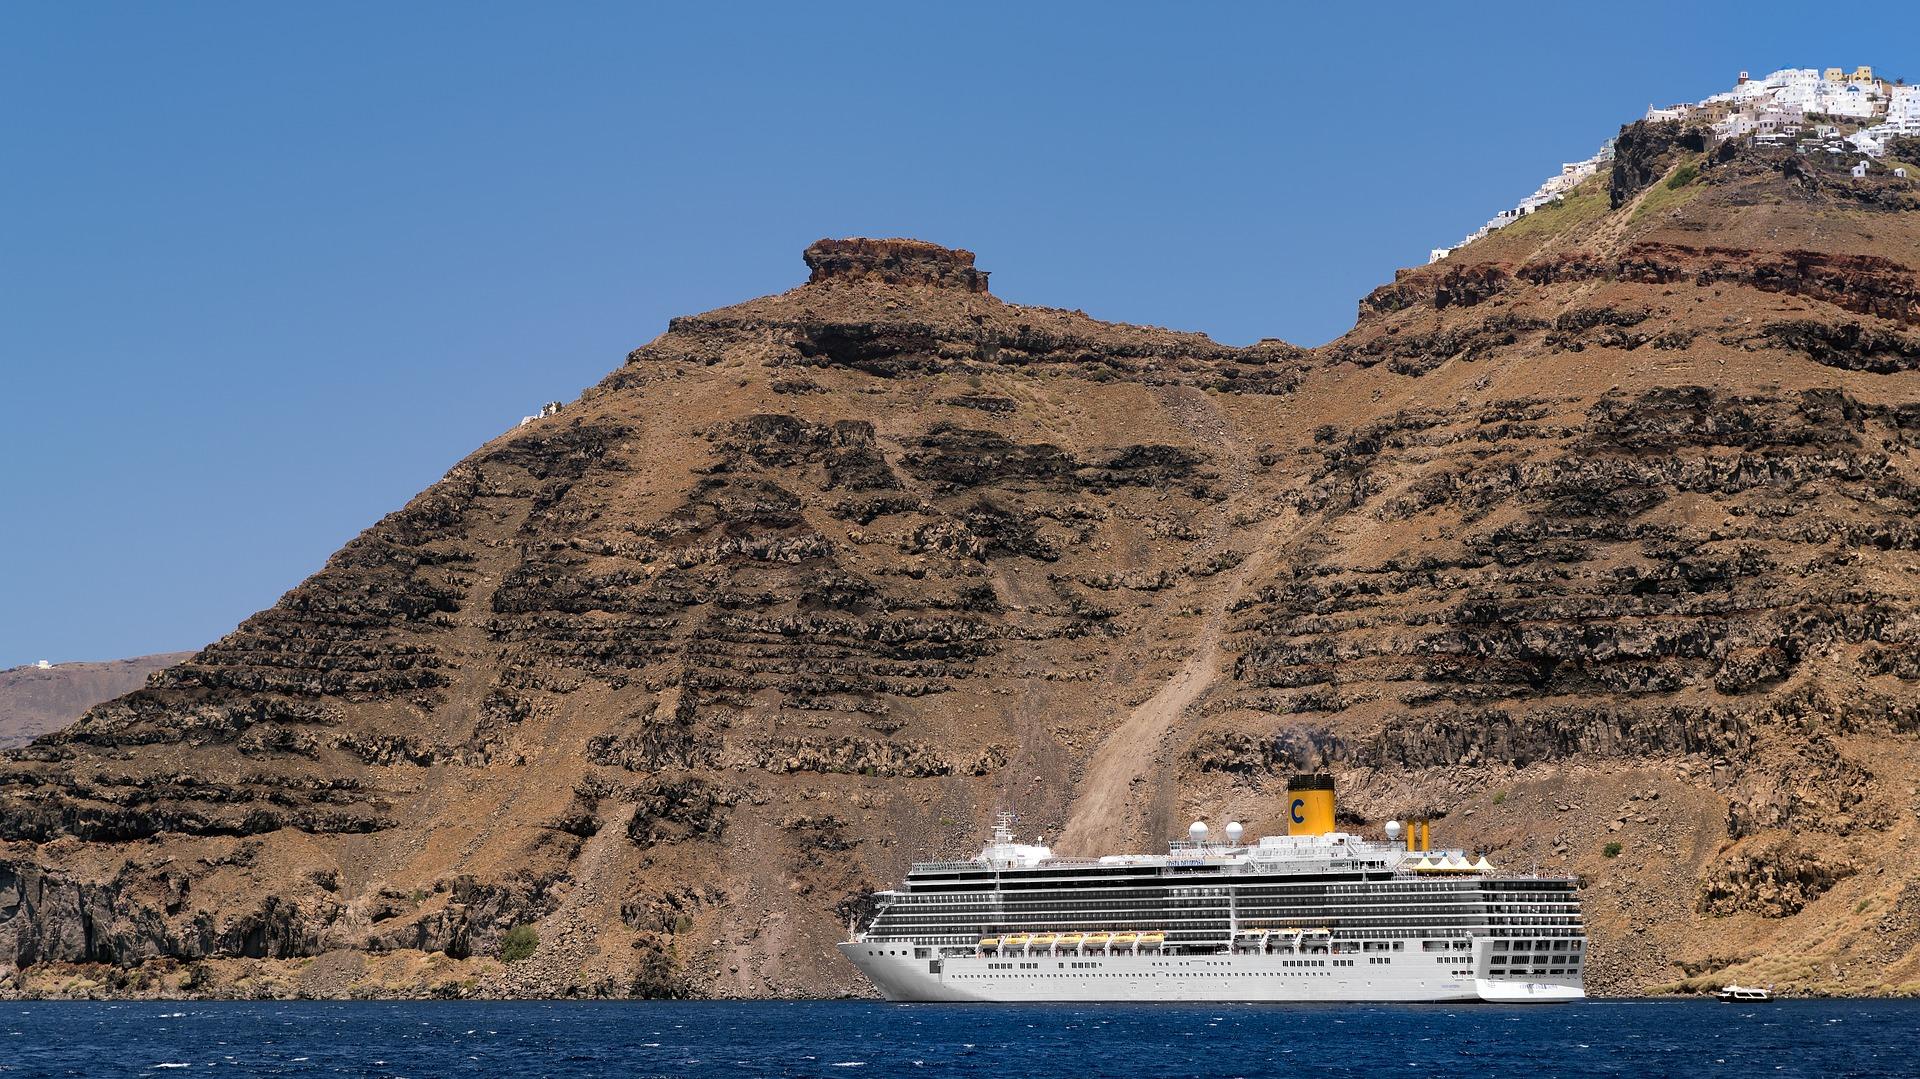 Costa Kreuzfahrten Weltreise 2021